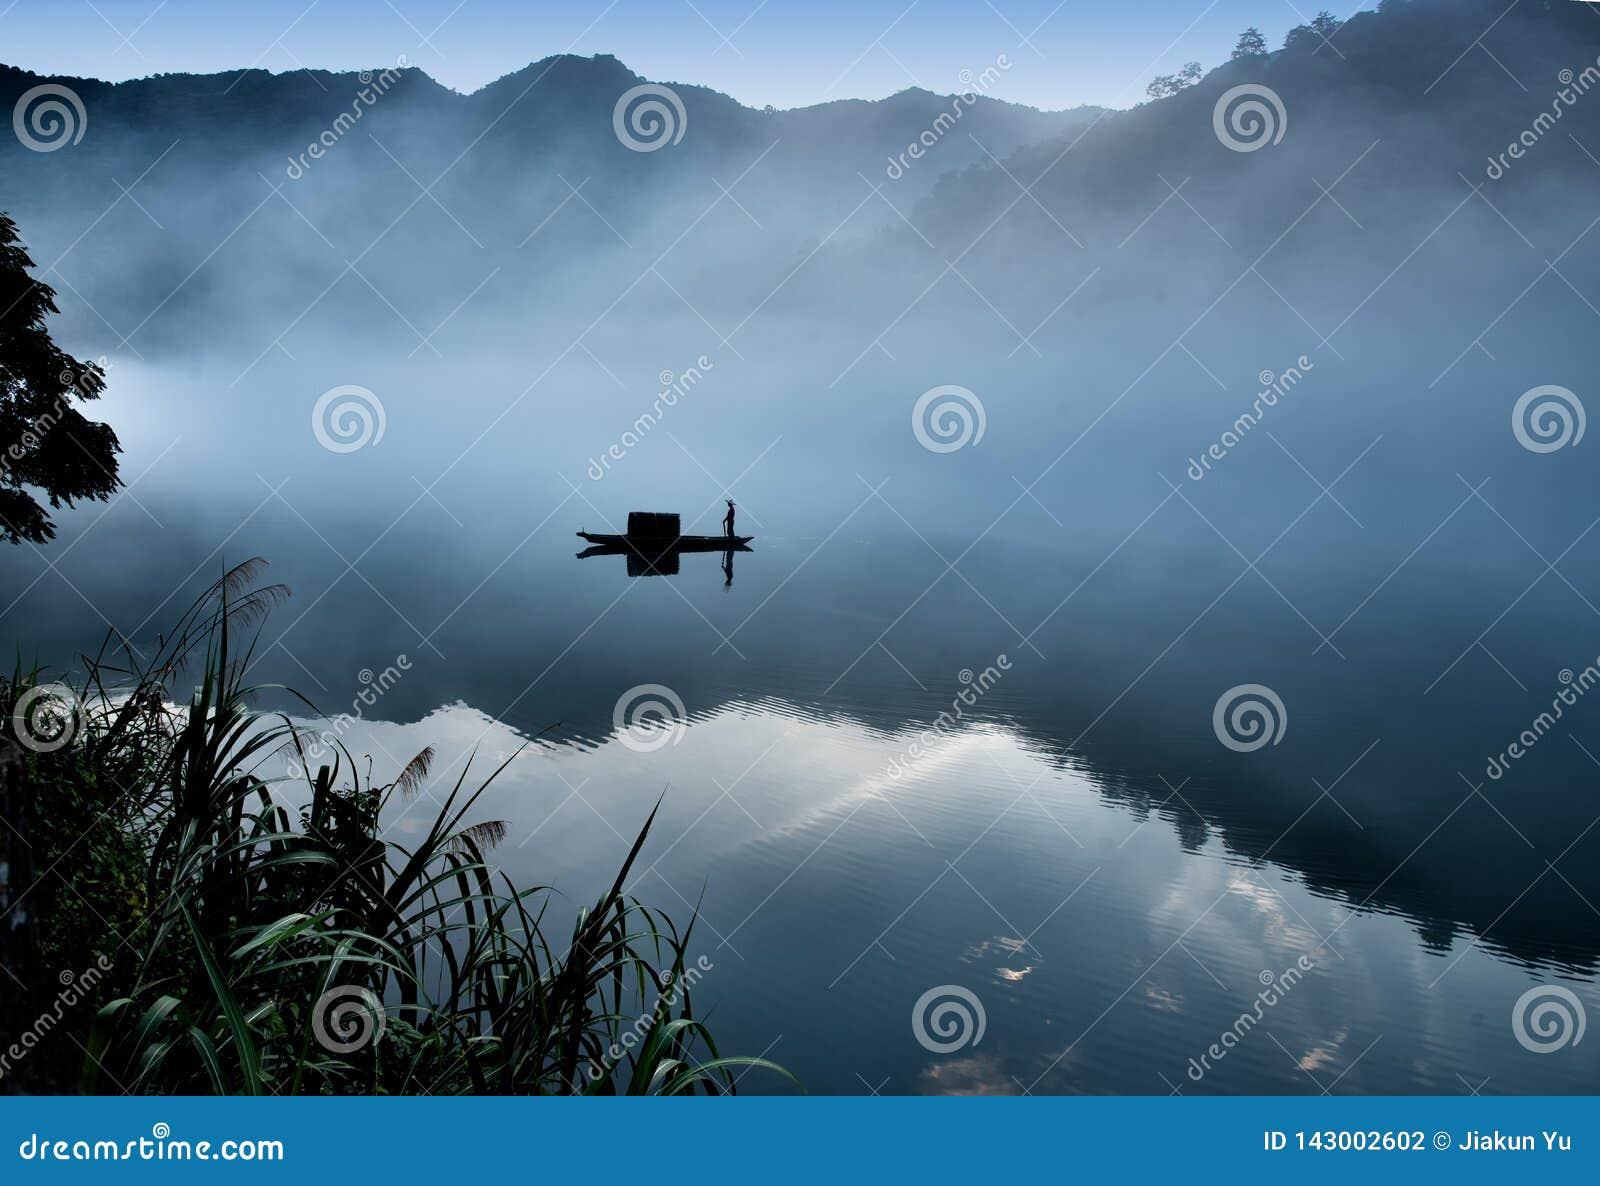 Los cucoloris de un fishman en el barco en la niebla en el río, una reflexión clara en el río tranquilo Tono fr?o